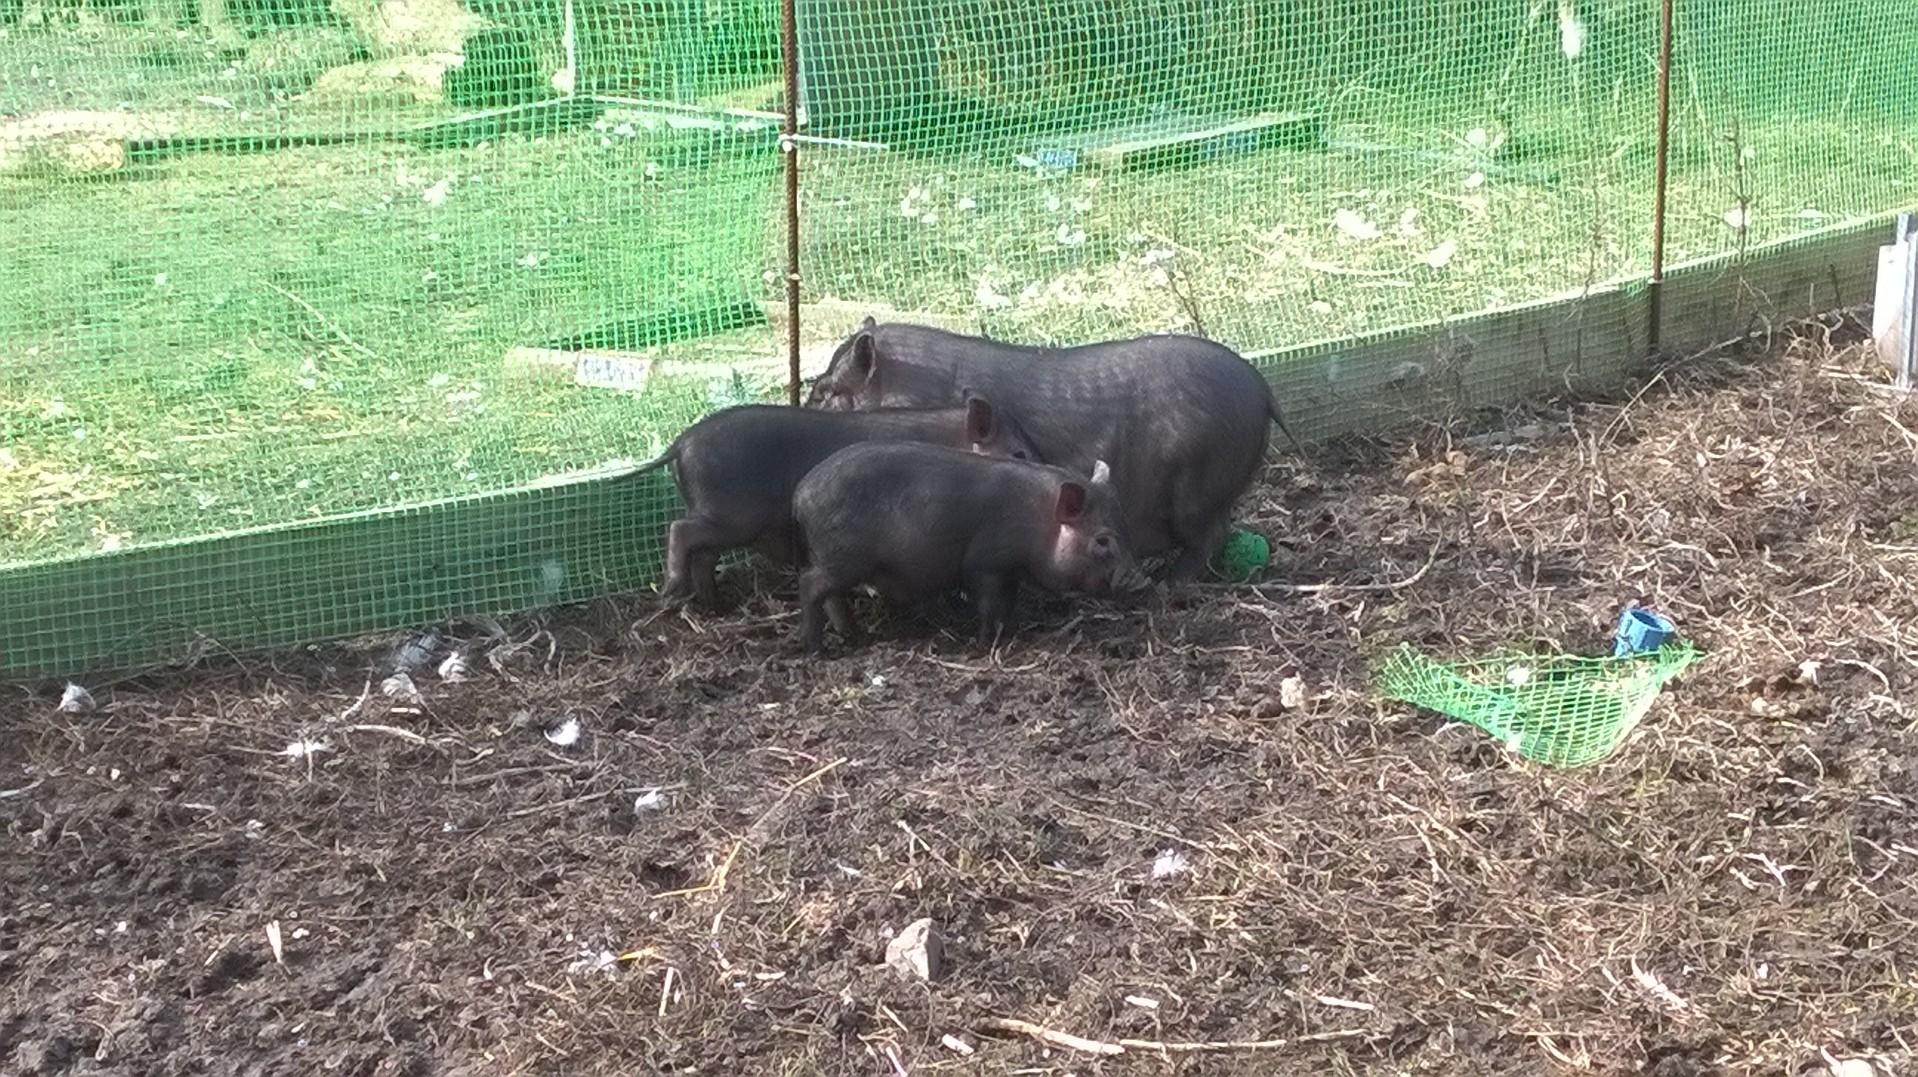 кормление - Вьетнамская вислобрюхая порода свиней (содержание, кормление и разведение) 0837863001456253380